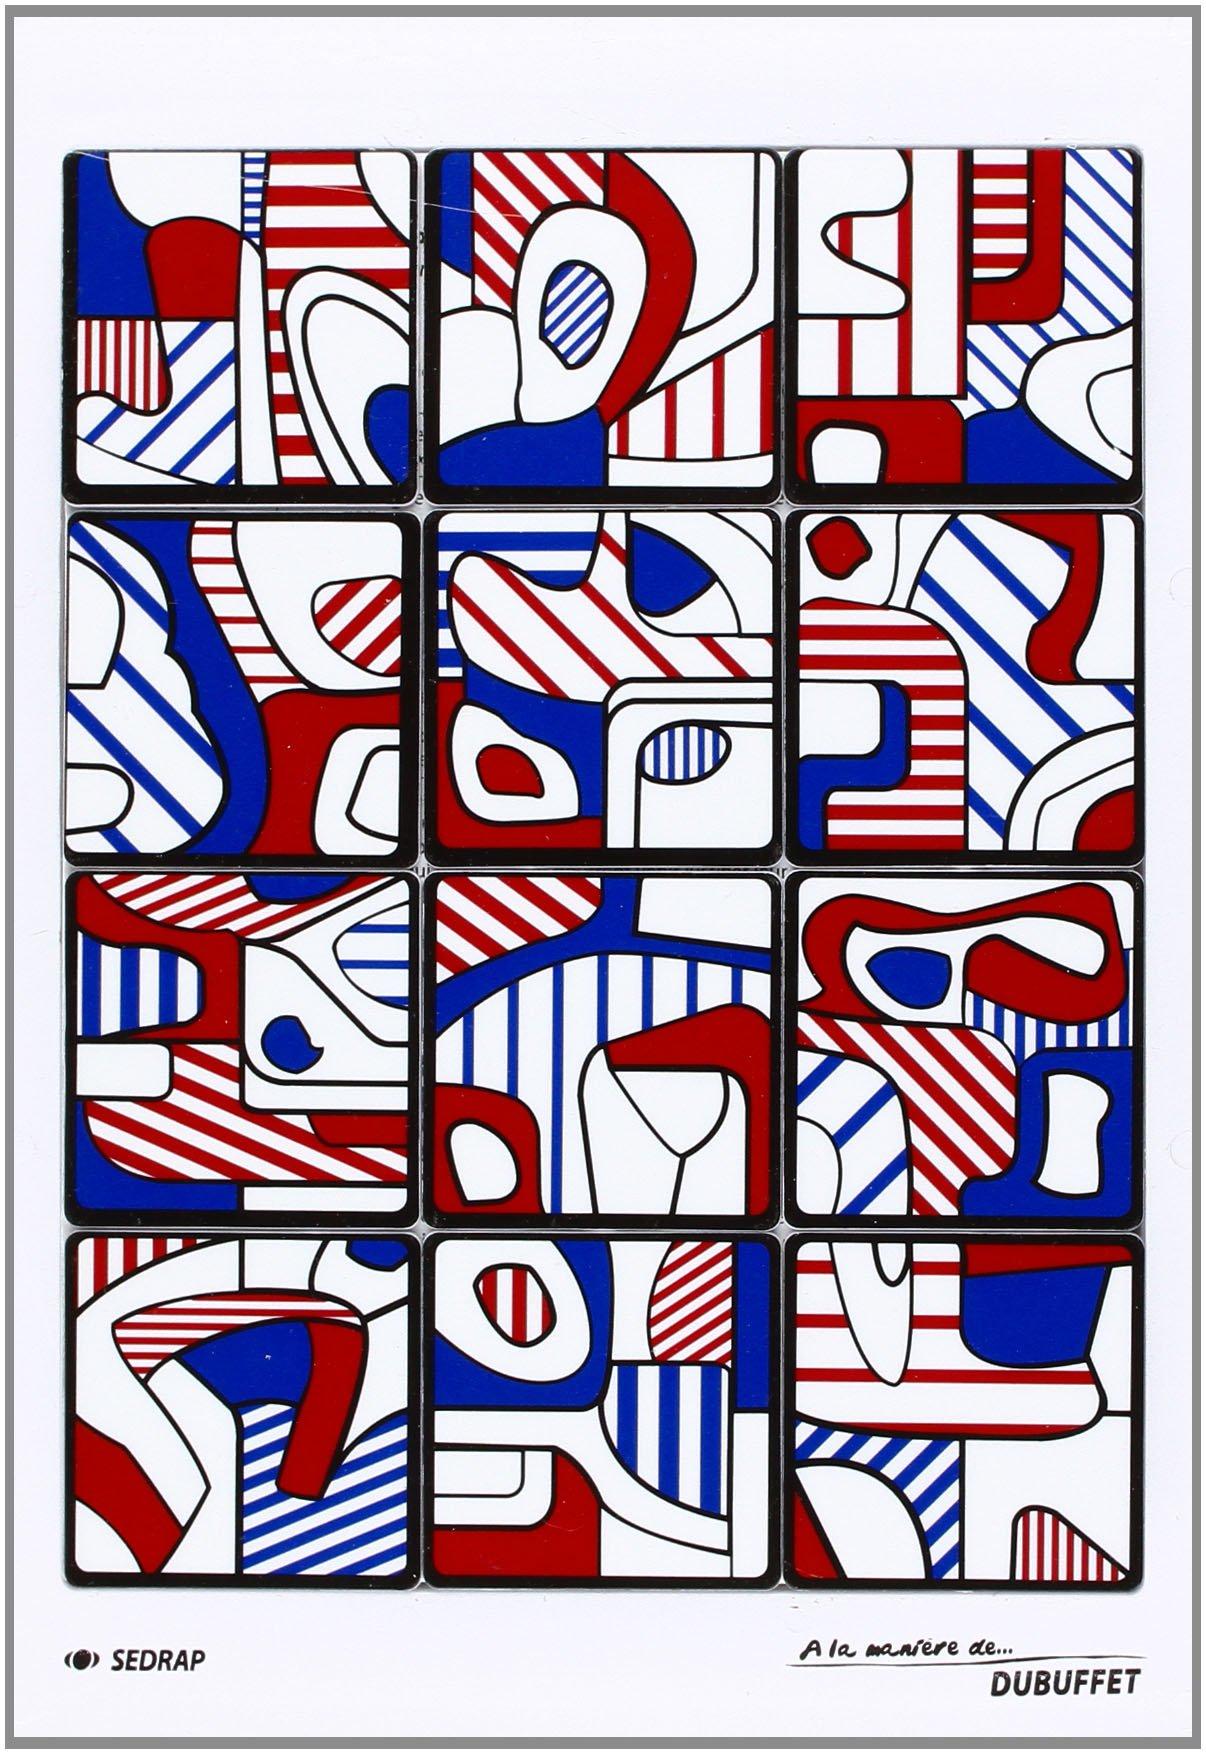 Épinglé par samantha kanner sur art ed | Cours d'art, Art ...